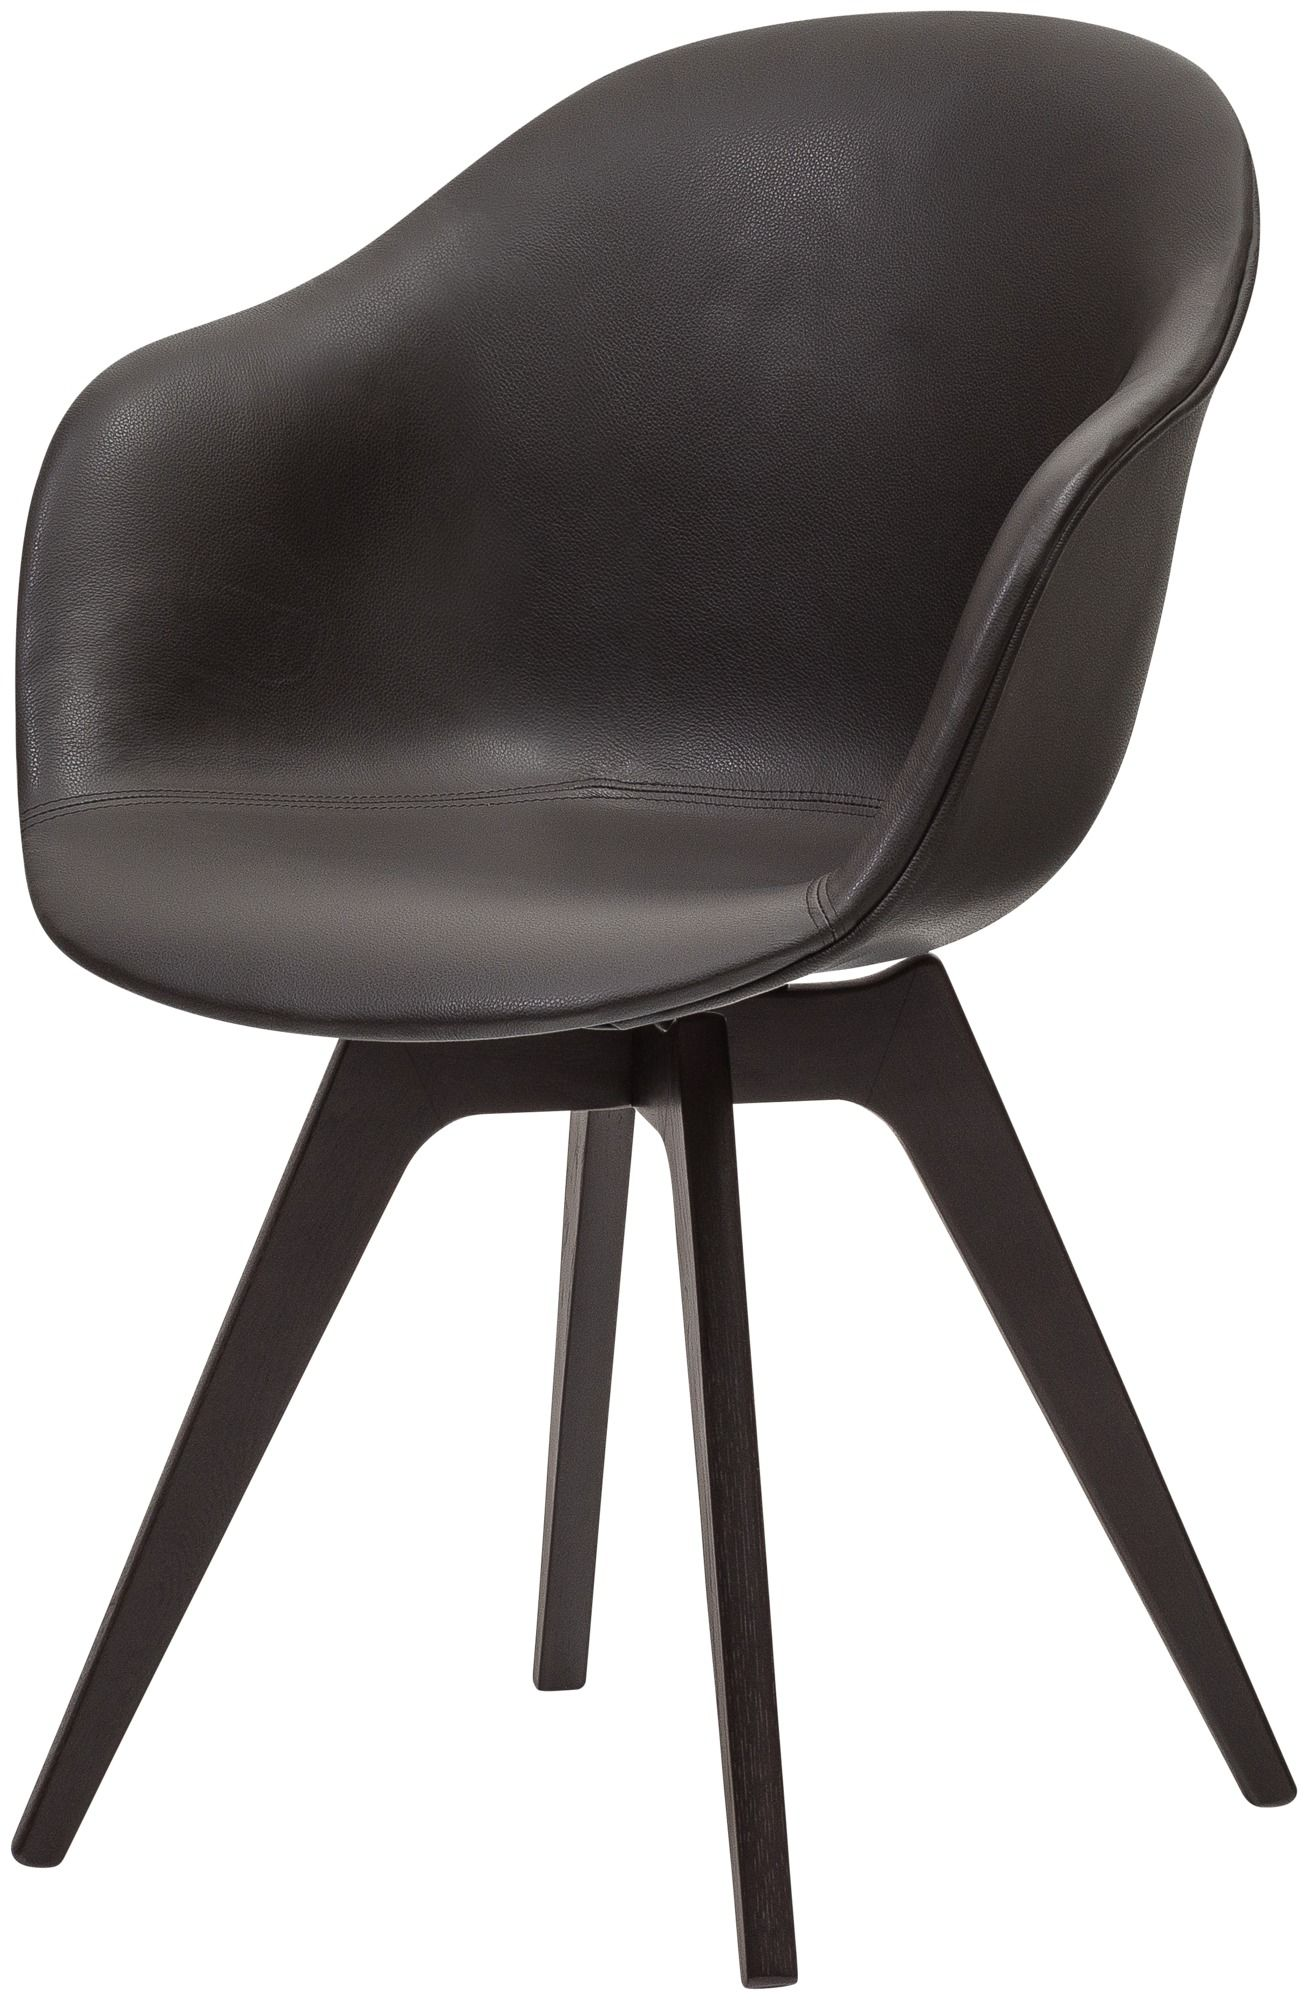 Esszimmerstühle   Adelaide Stuhl   Esszimmerstühle ...